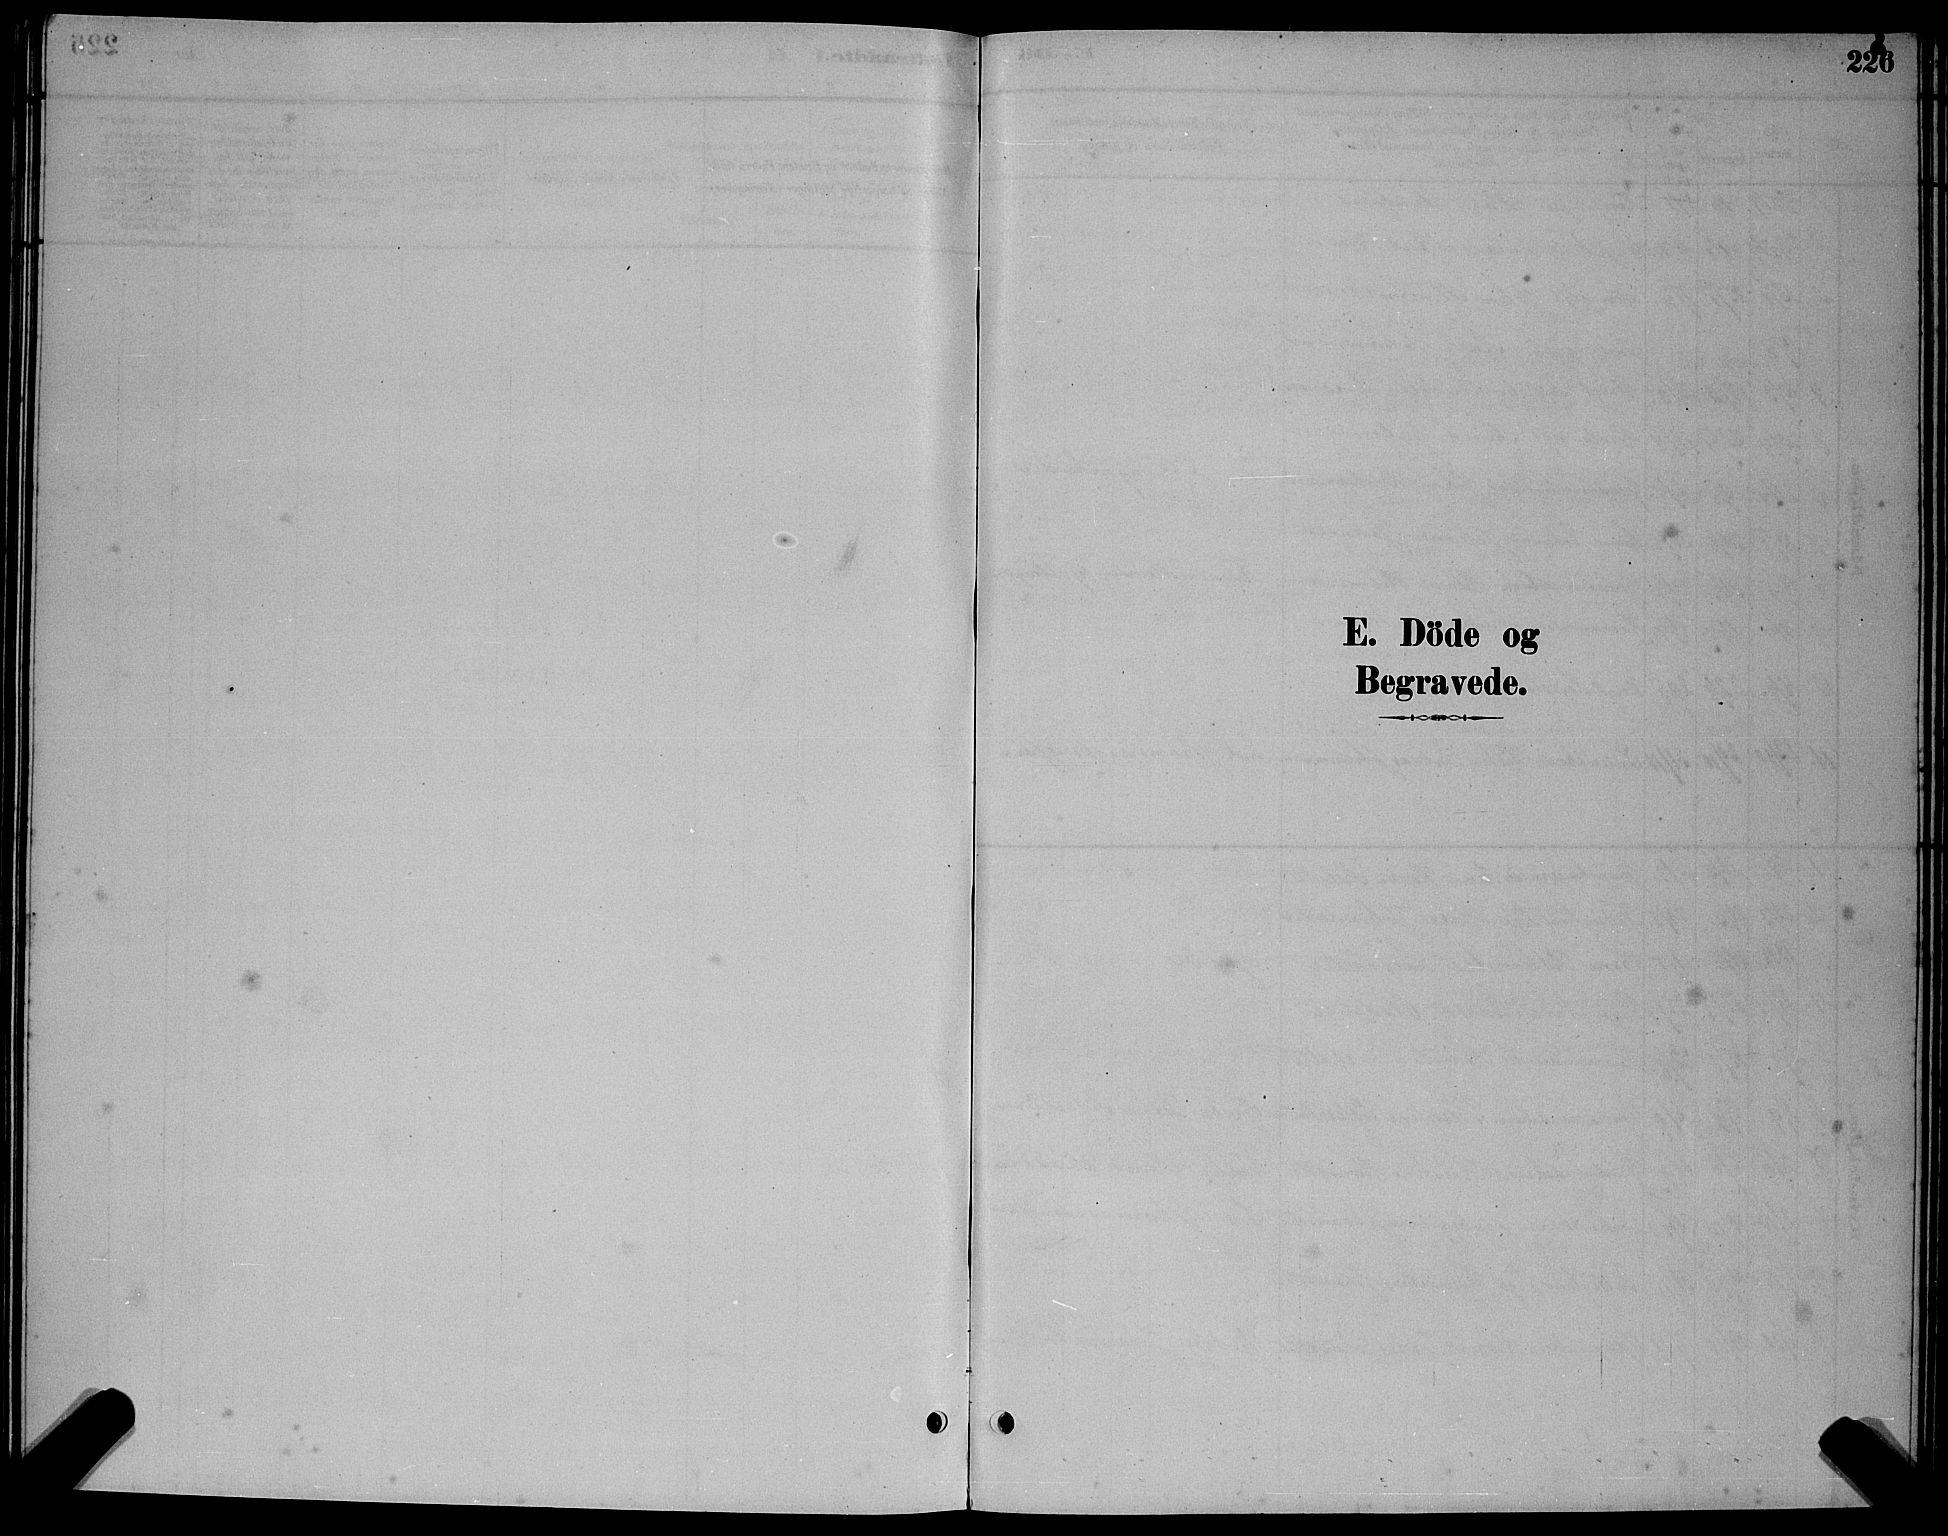 SAT, Ministerialprotokoller, klokkerbøker og fødselsregistre - Sør-Trøndelag, 655/L0687: Klokkerbok nr. 655C03, 1880-1898, s. 226